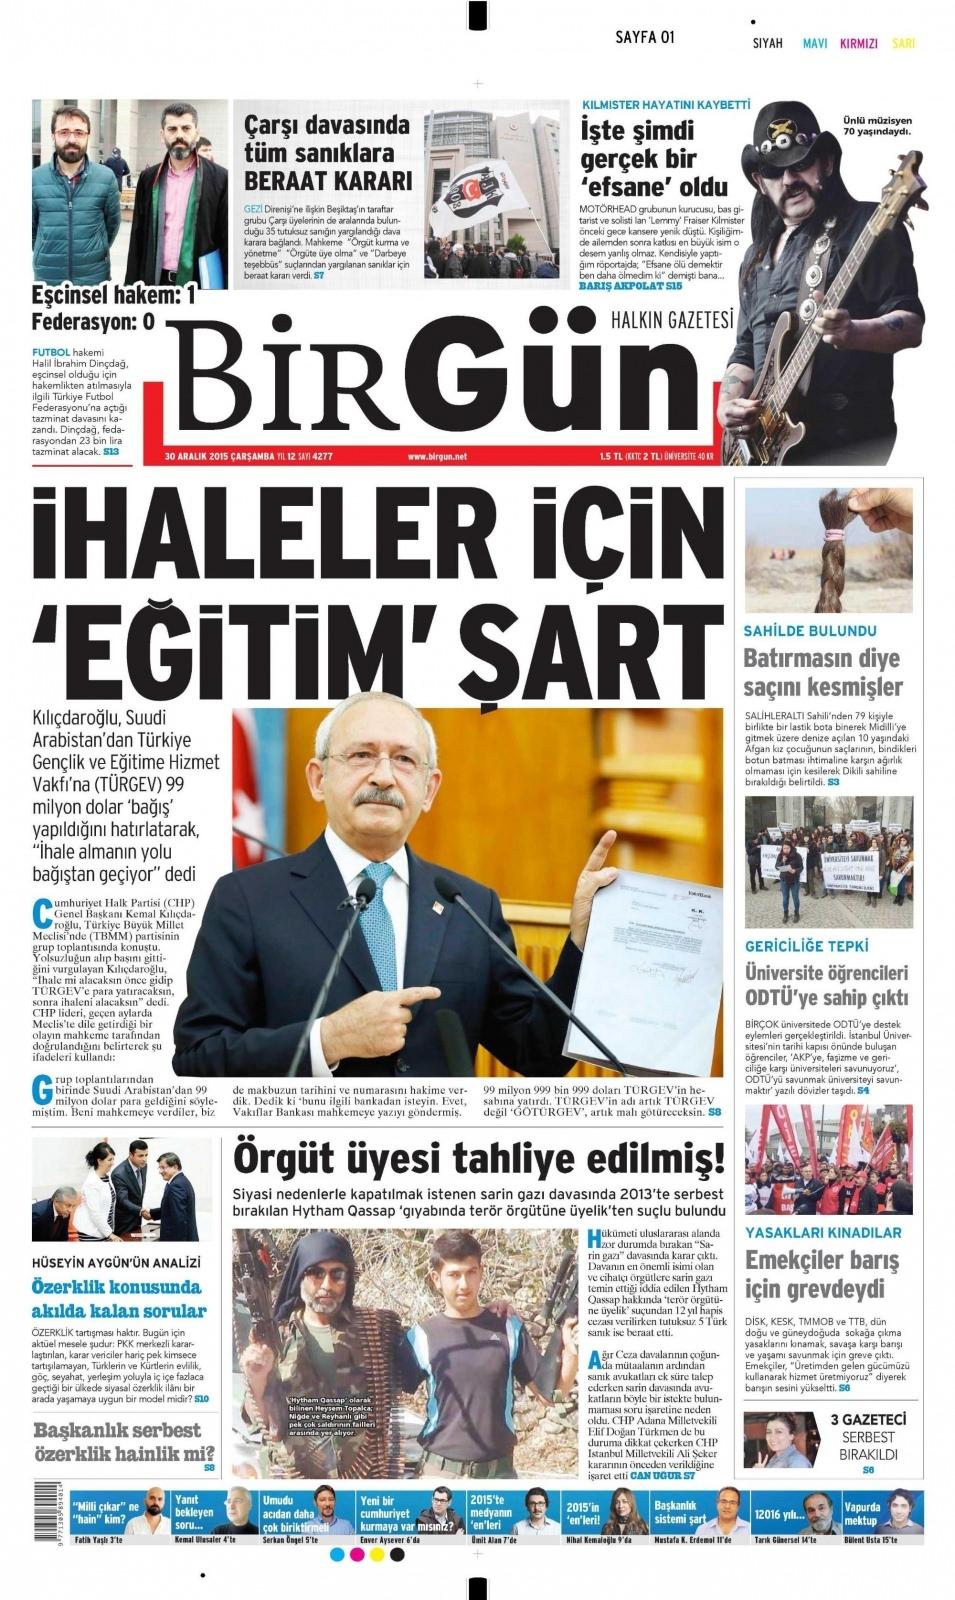 30 Aralık 2015 gazete manşetleri 4